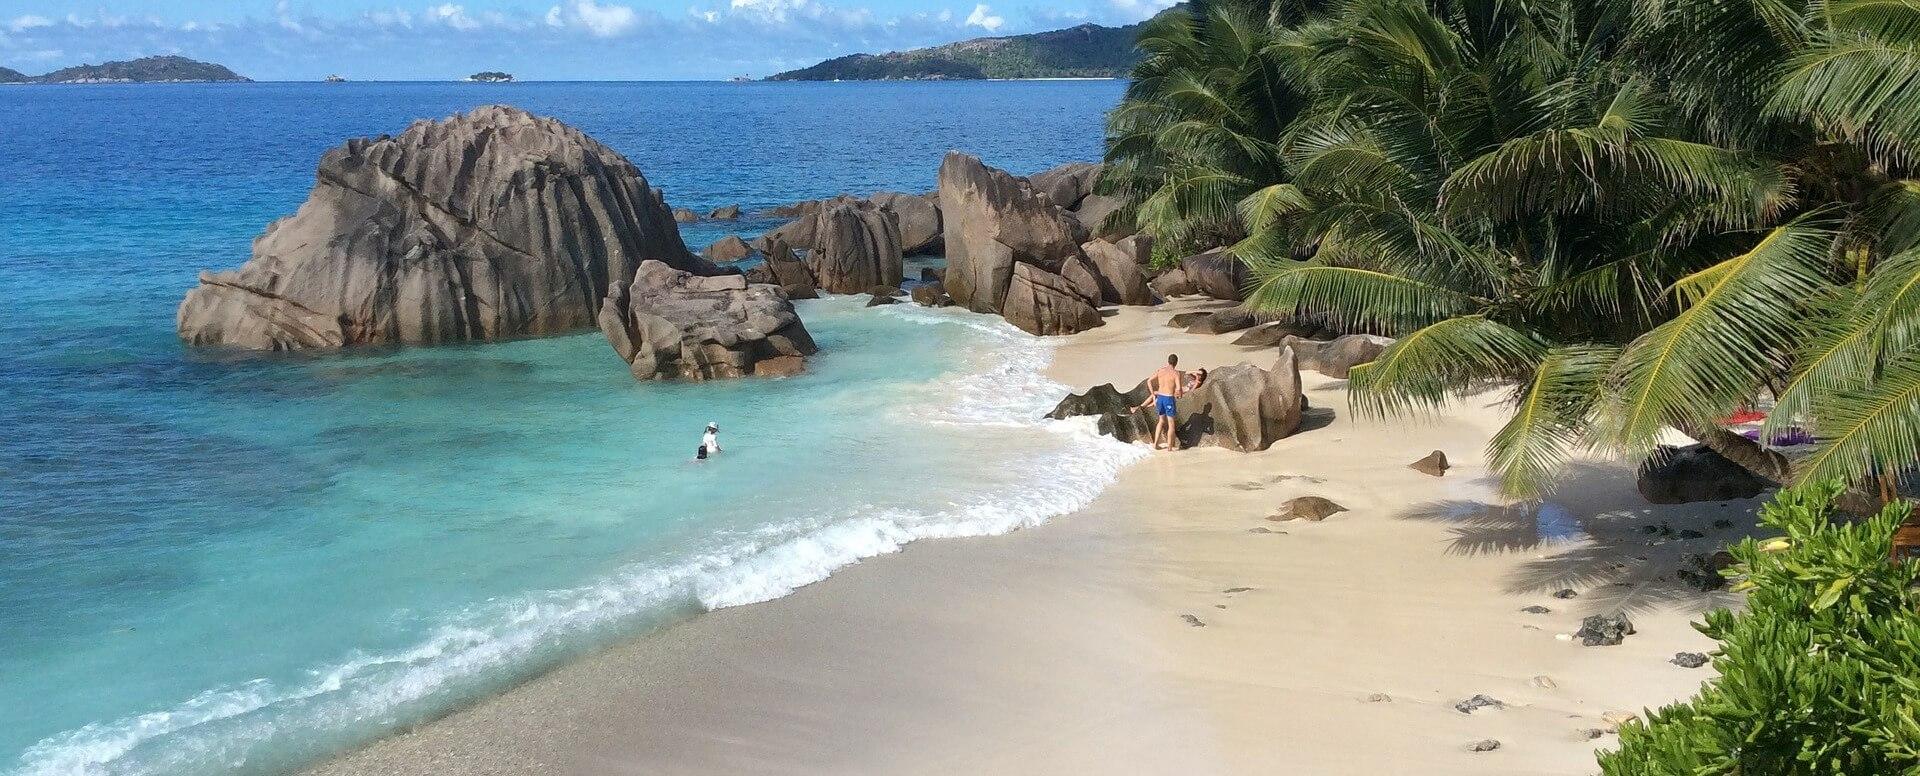 10. Goûter aux spécialités culinaires locales - Seychelles